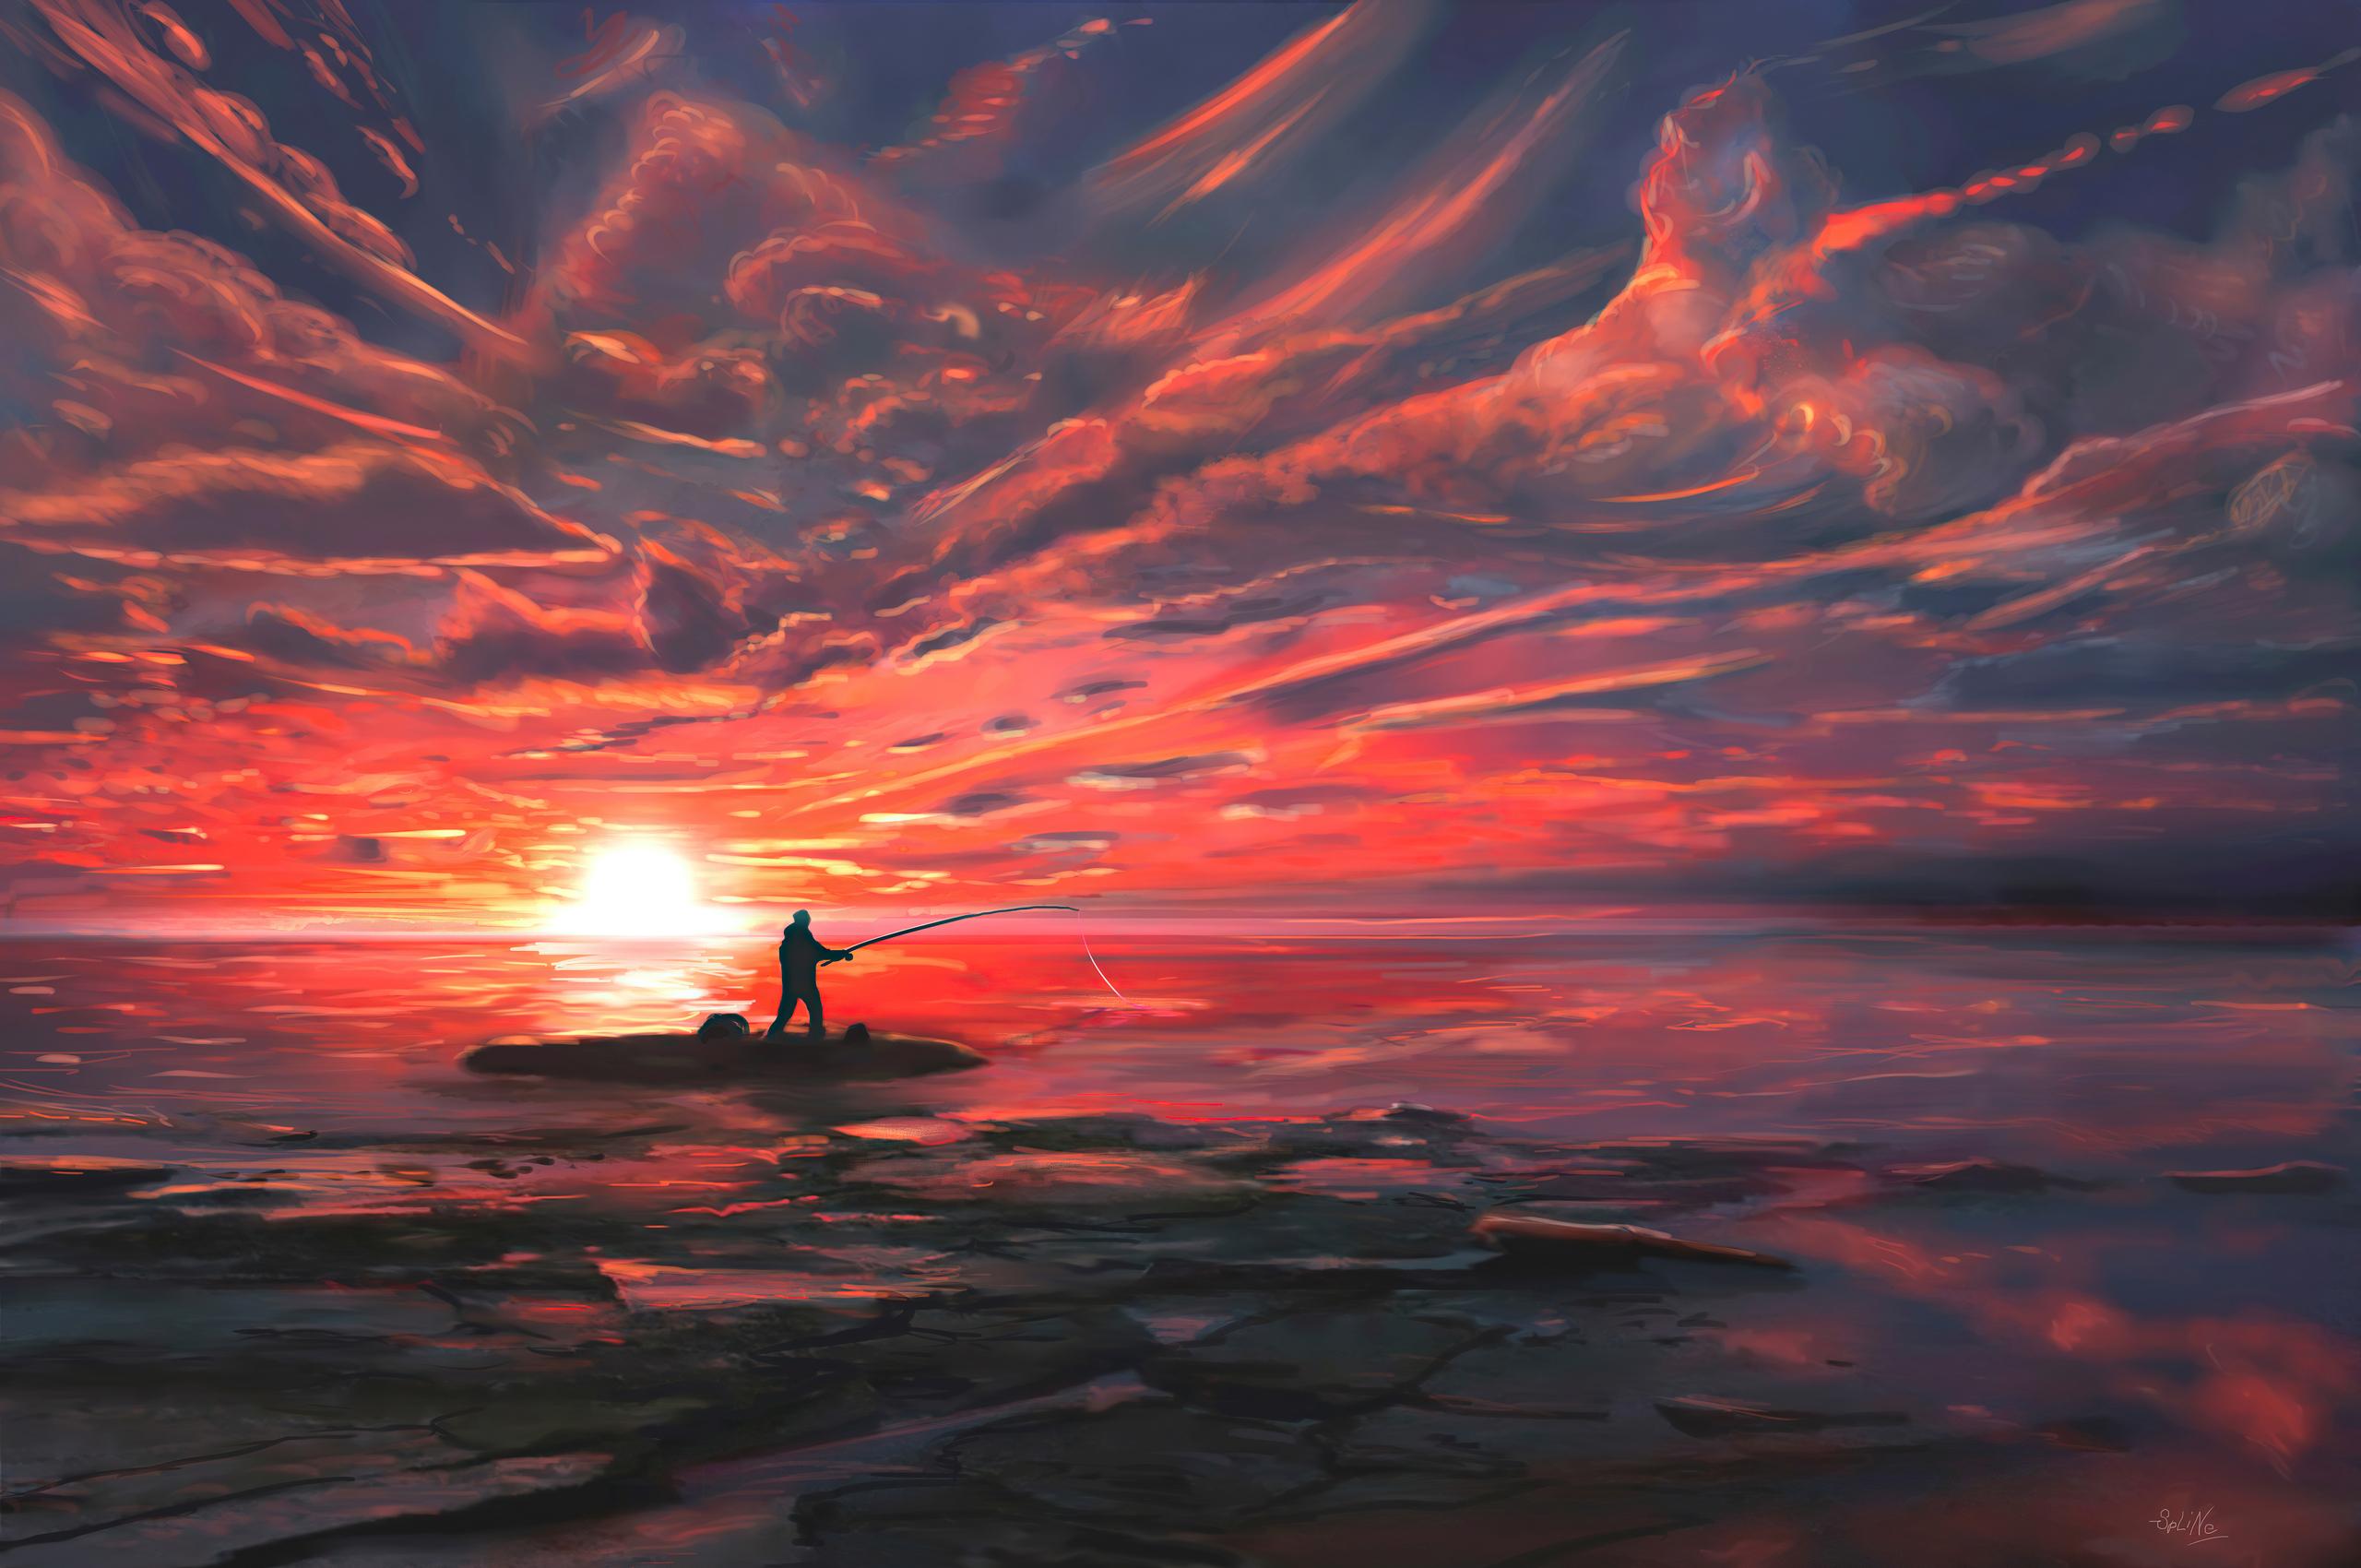 fishing-in-evening-5k-2l.jpg